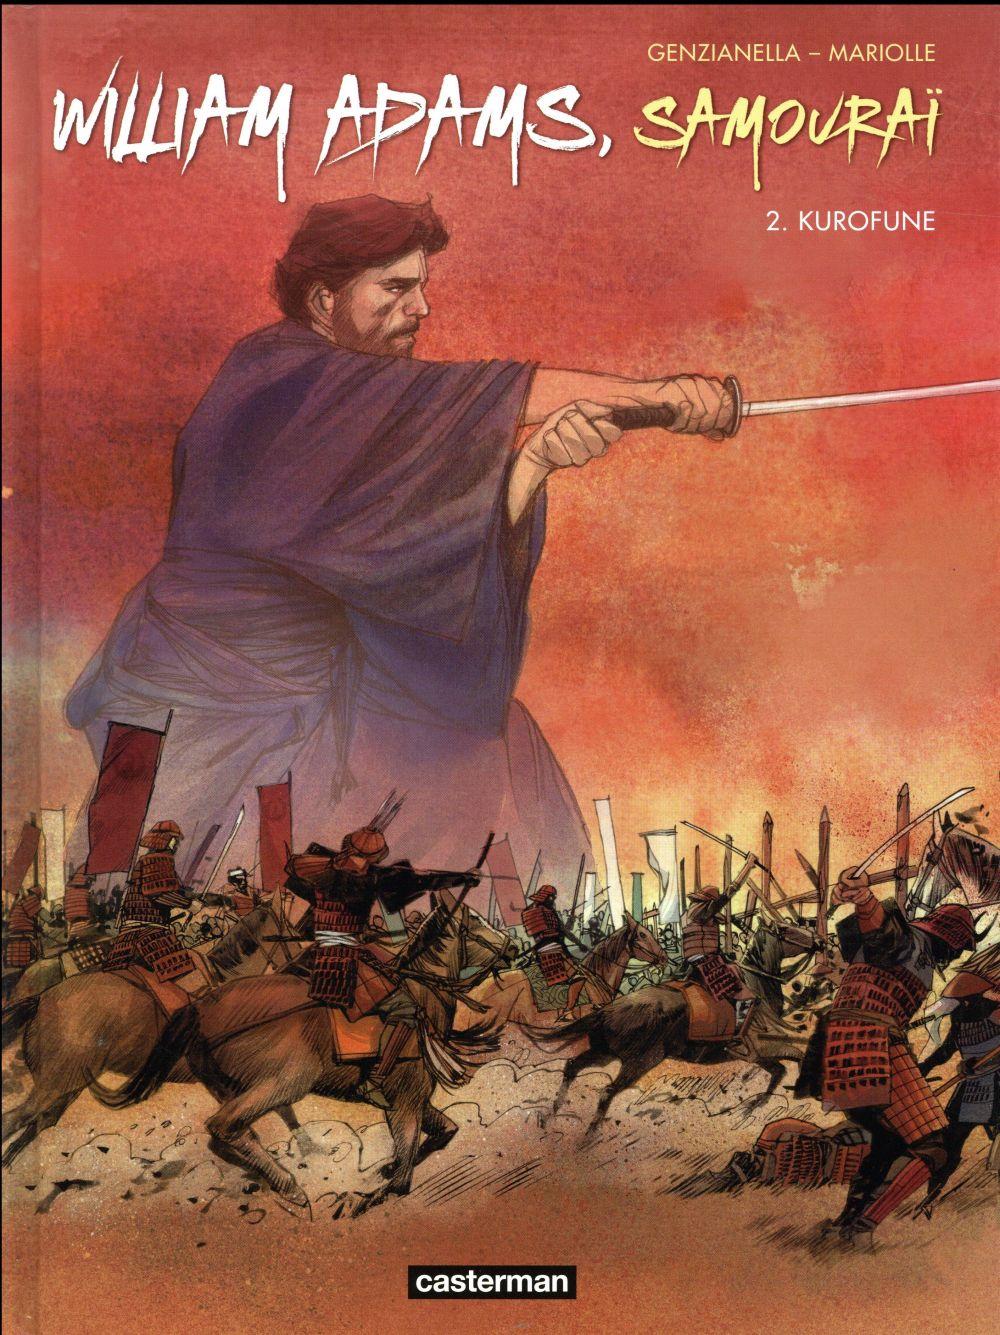 KUROFUNE - WILLIAM ADAMS, SAMOURAI - T2